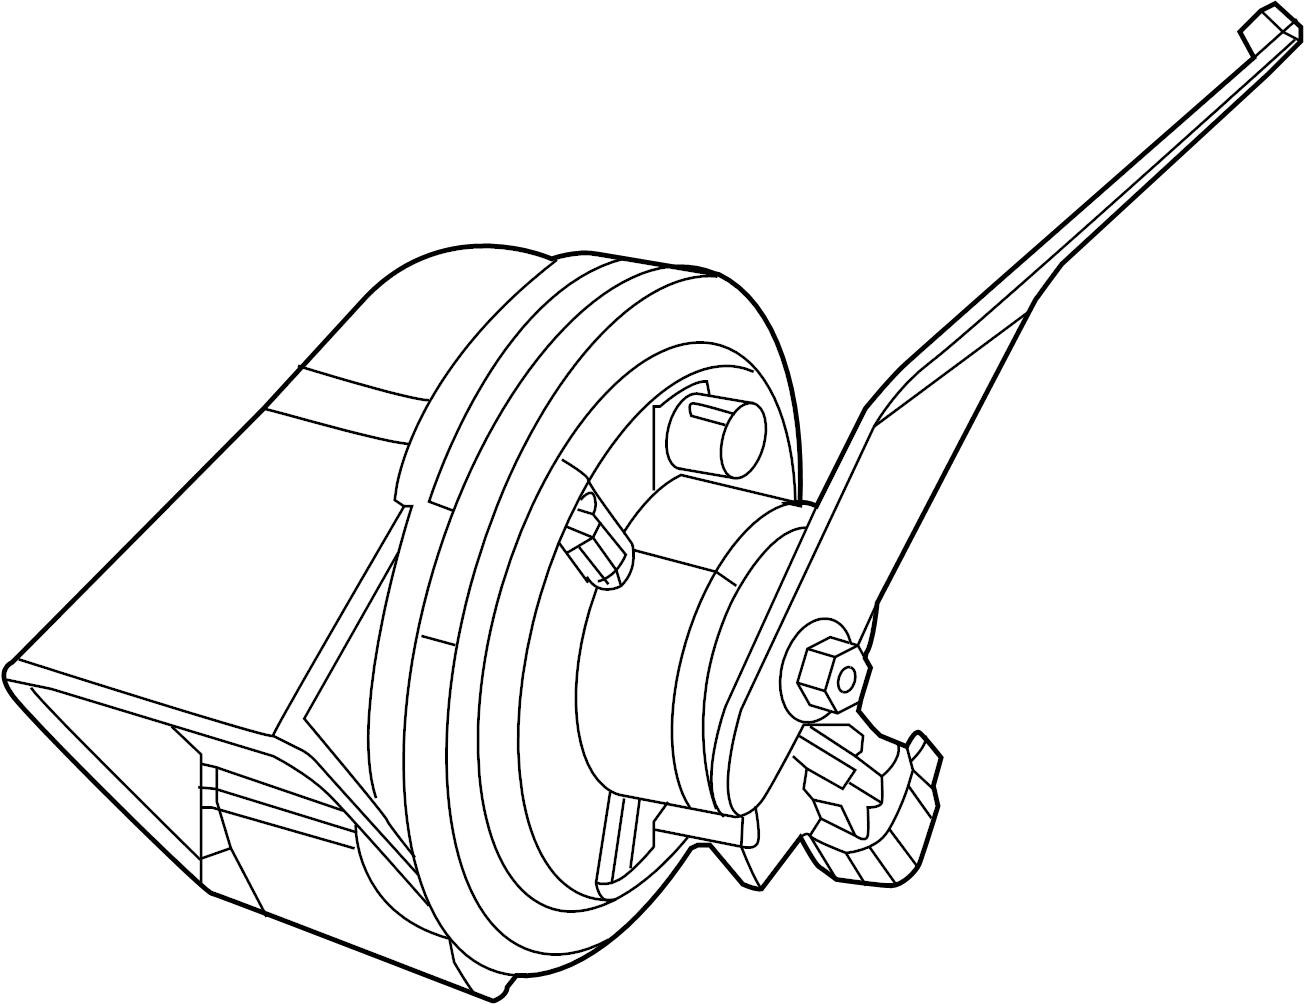 Subaru DL/GL/GL10/RS/RX Horn (Lower). ELECTRICAL, BODY